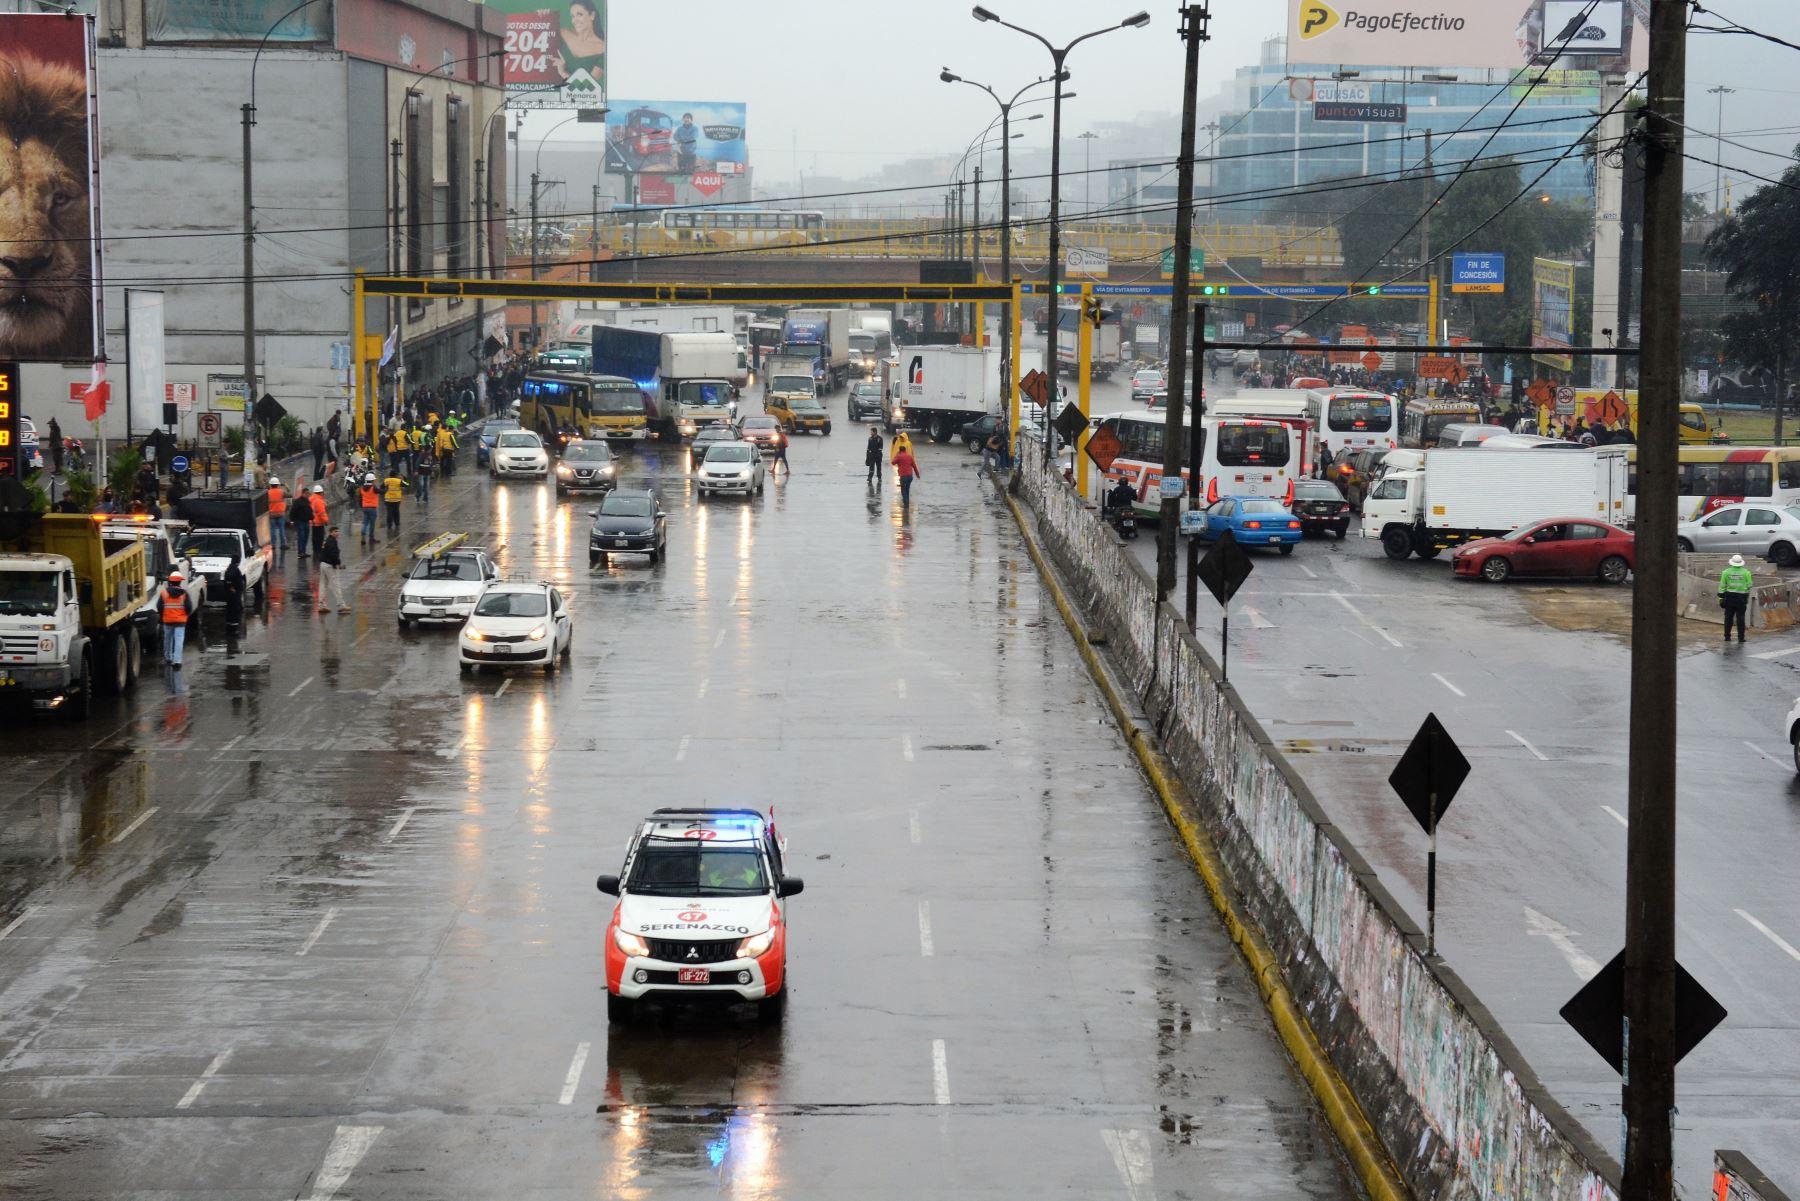 Se habilita tramo de la Carretera Central luego de culminar obras del Metro de Lima y Callao. Foto: Metro de Lima y Callao